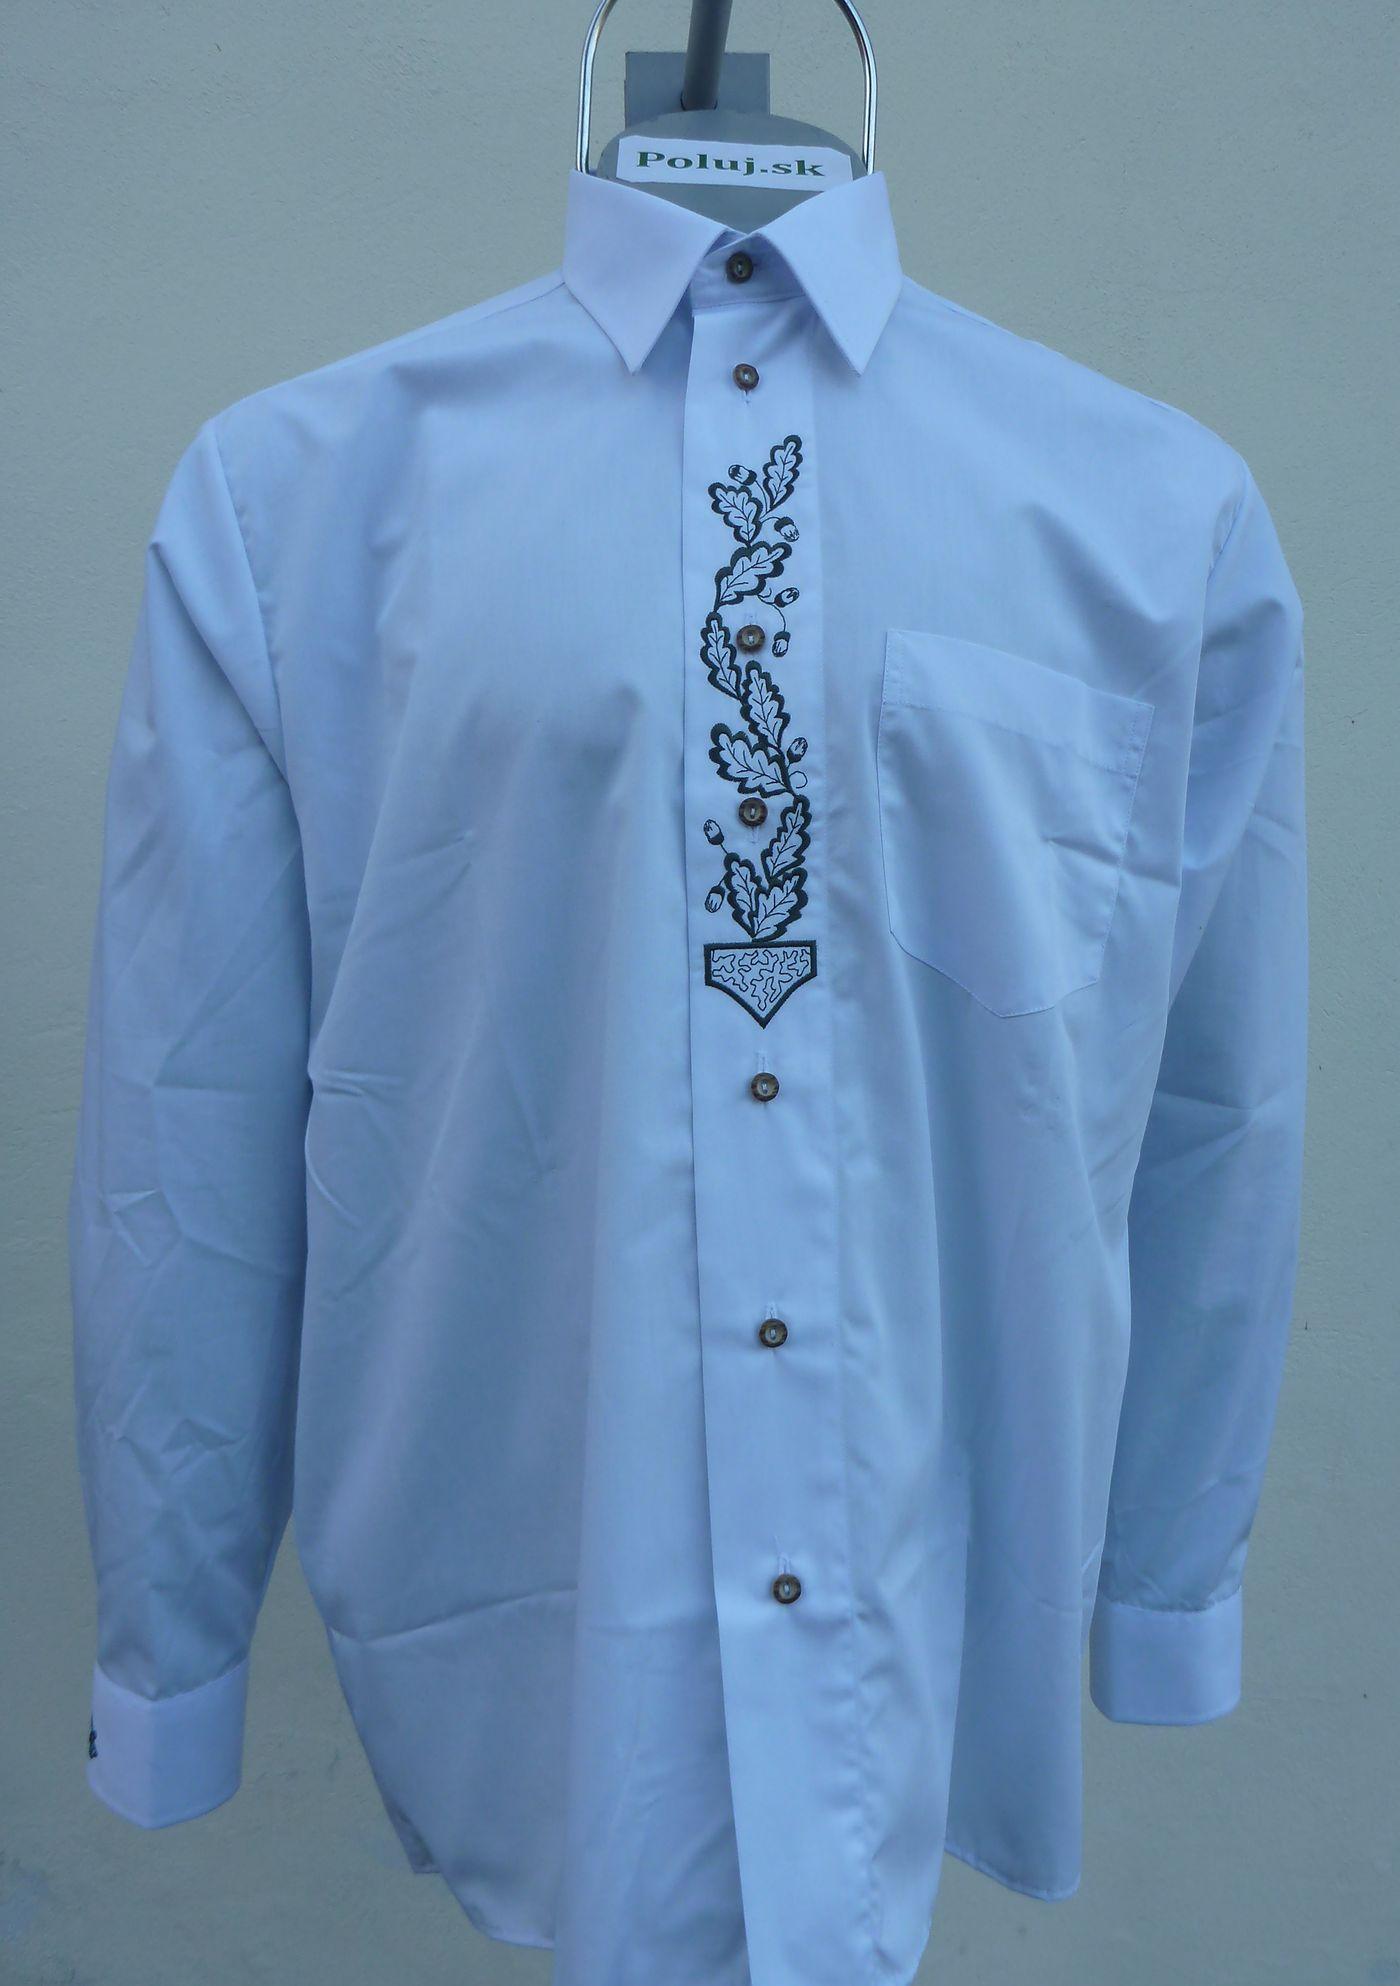 f4750b98cbe9 Biela košeľa s výšivkou